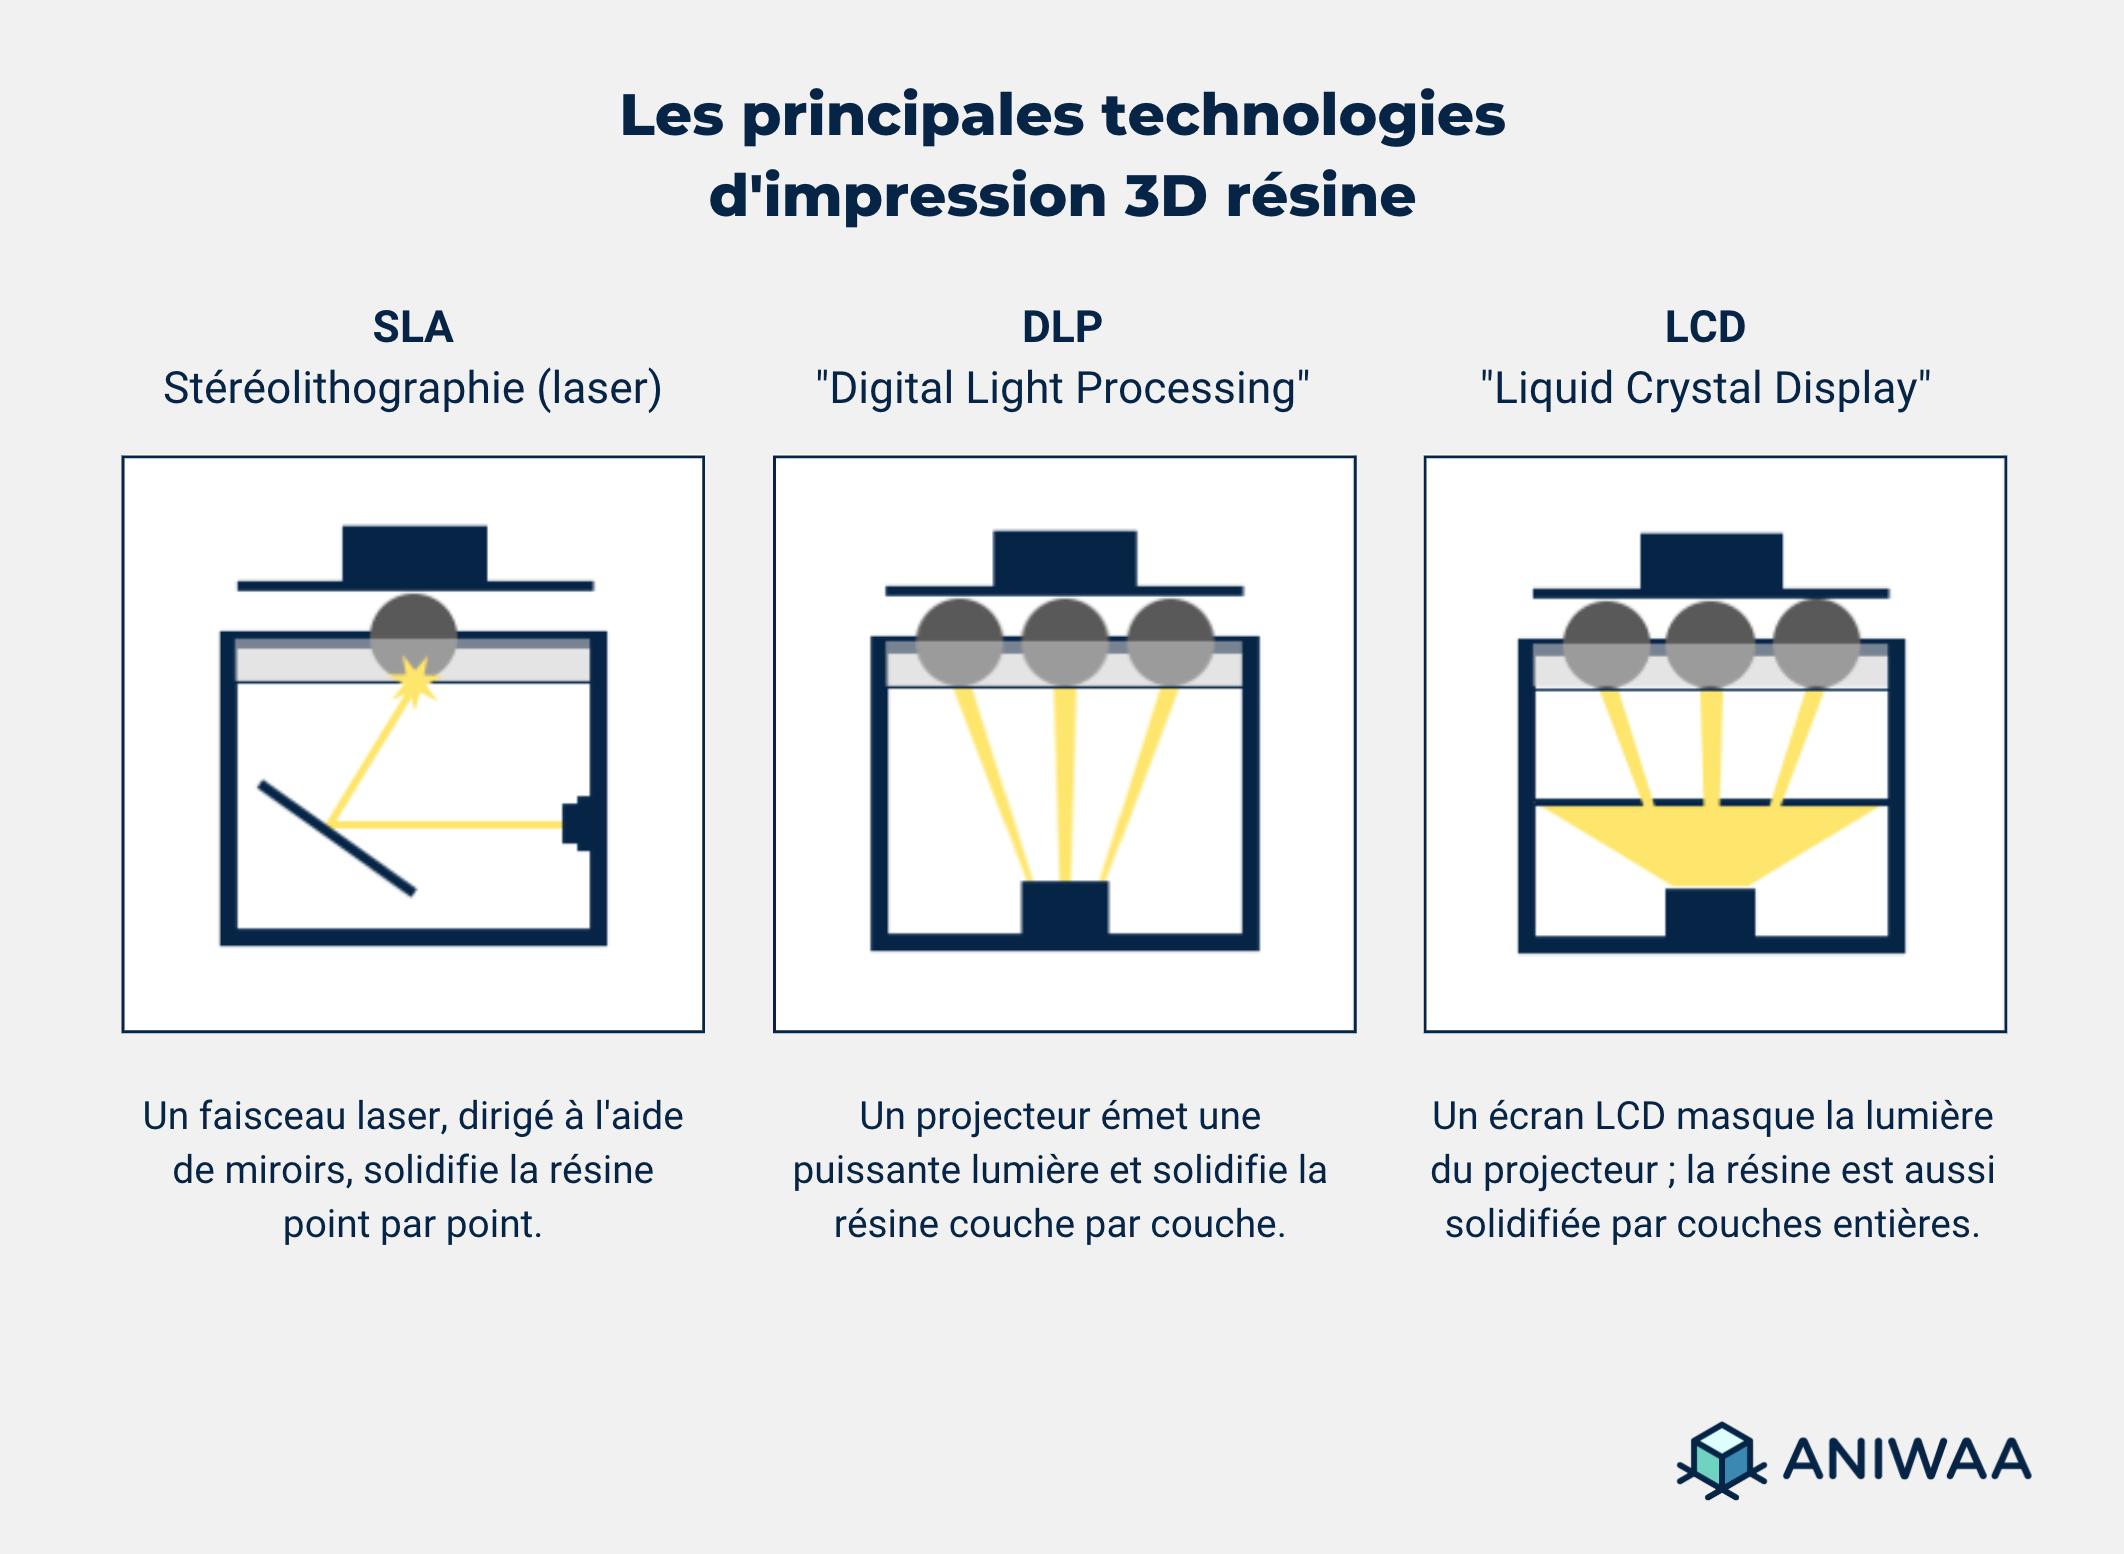 Technologies principales d'impression 3D résine